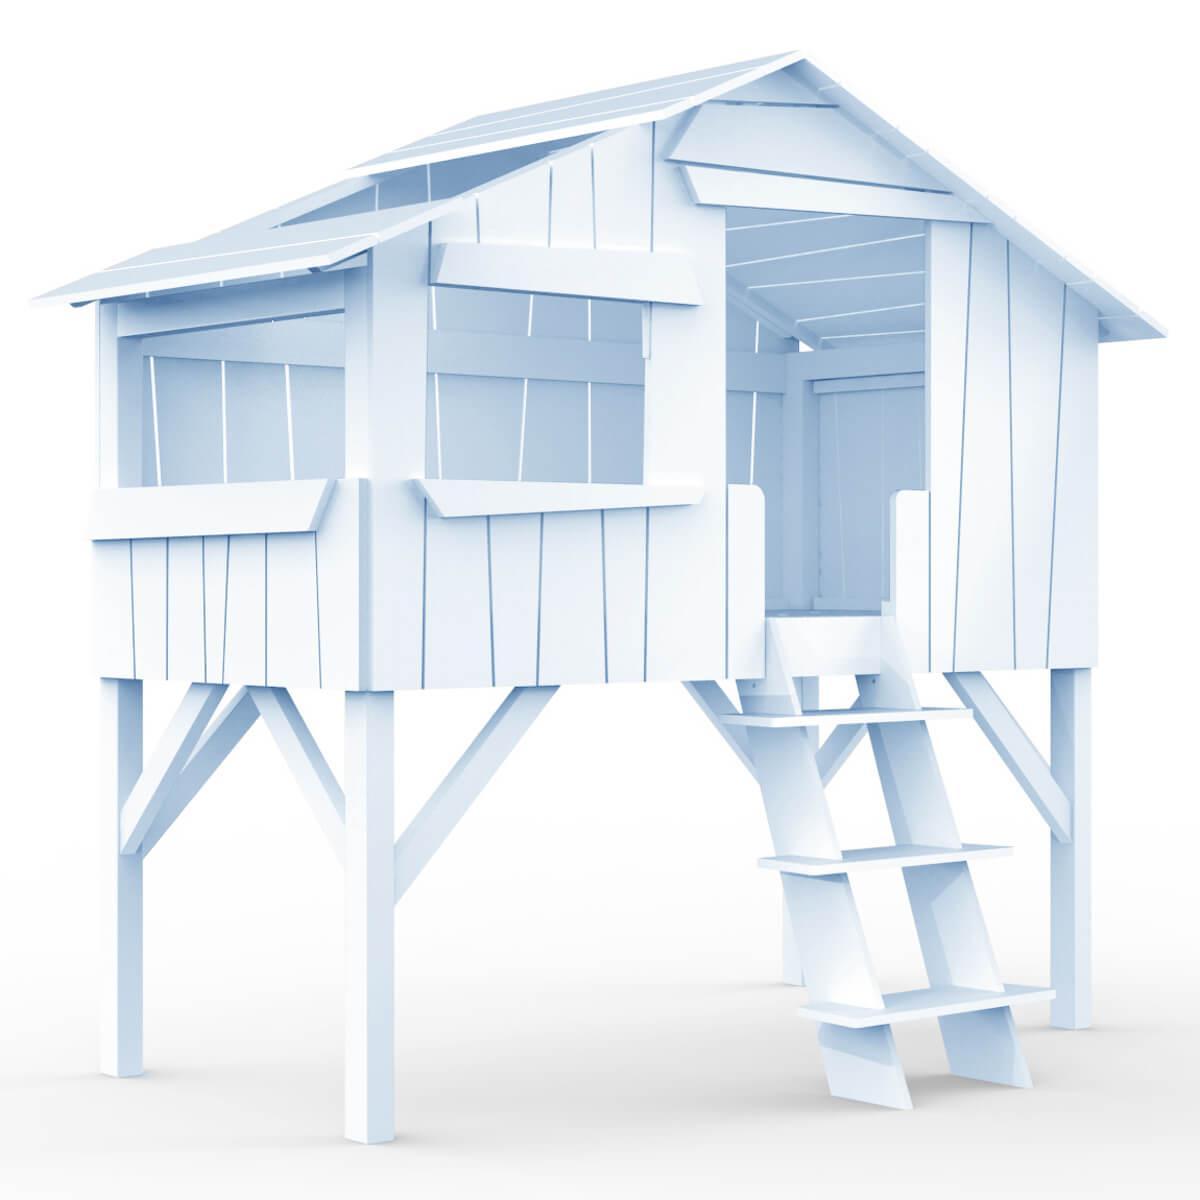 Lit mi hauteur 90x190cm CABANE Mathy by Bols bleu poudré